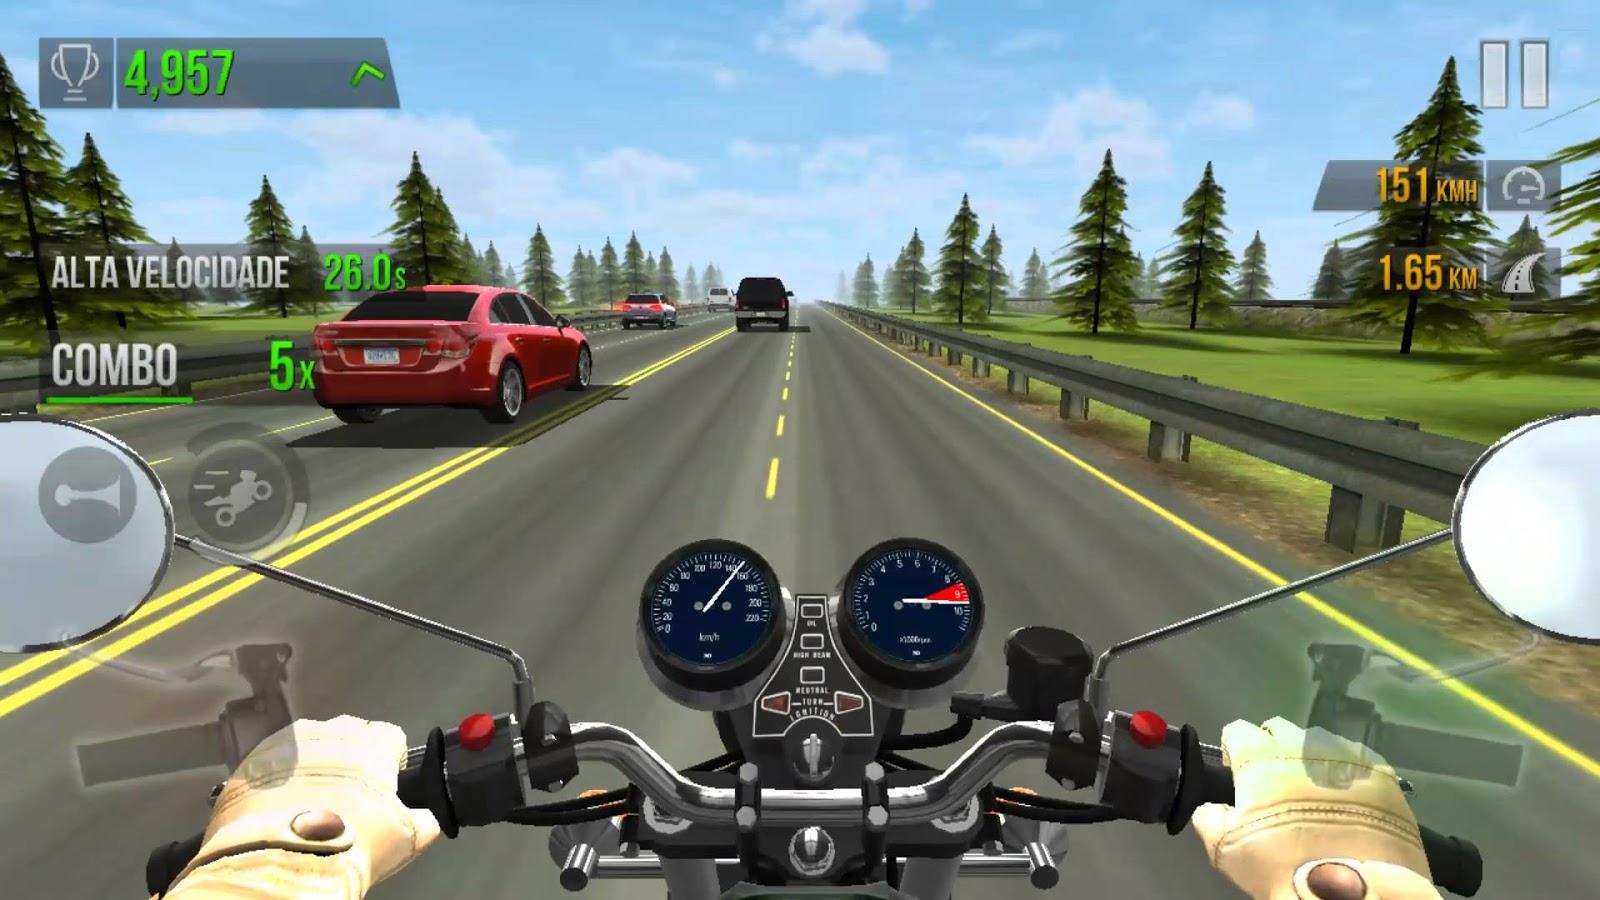 Image Result For Game Mod Apk Blogspot